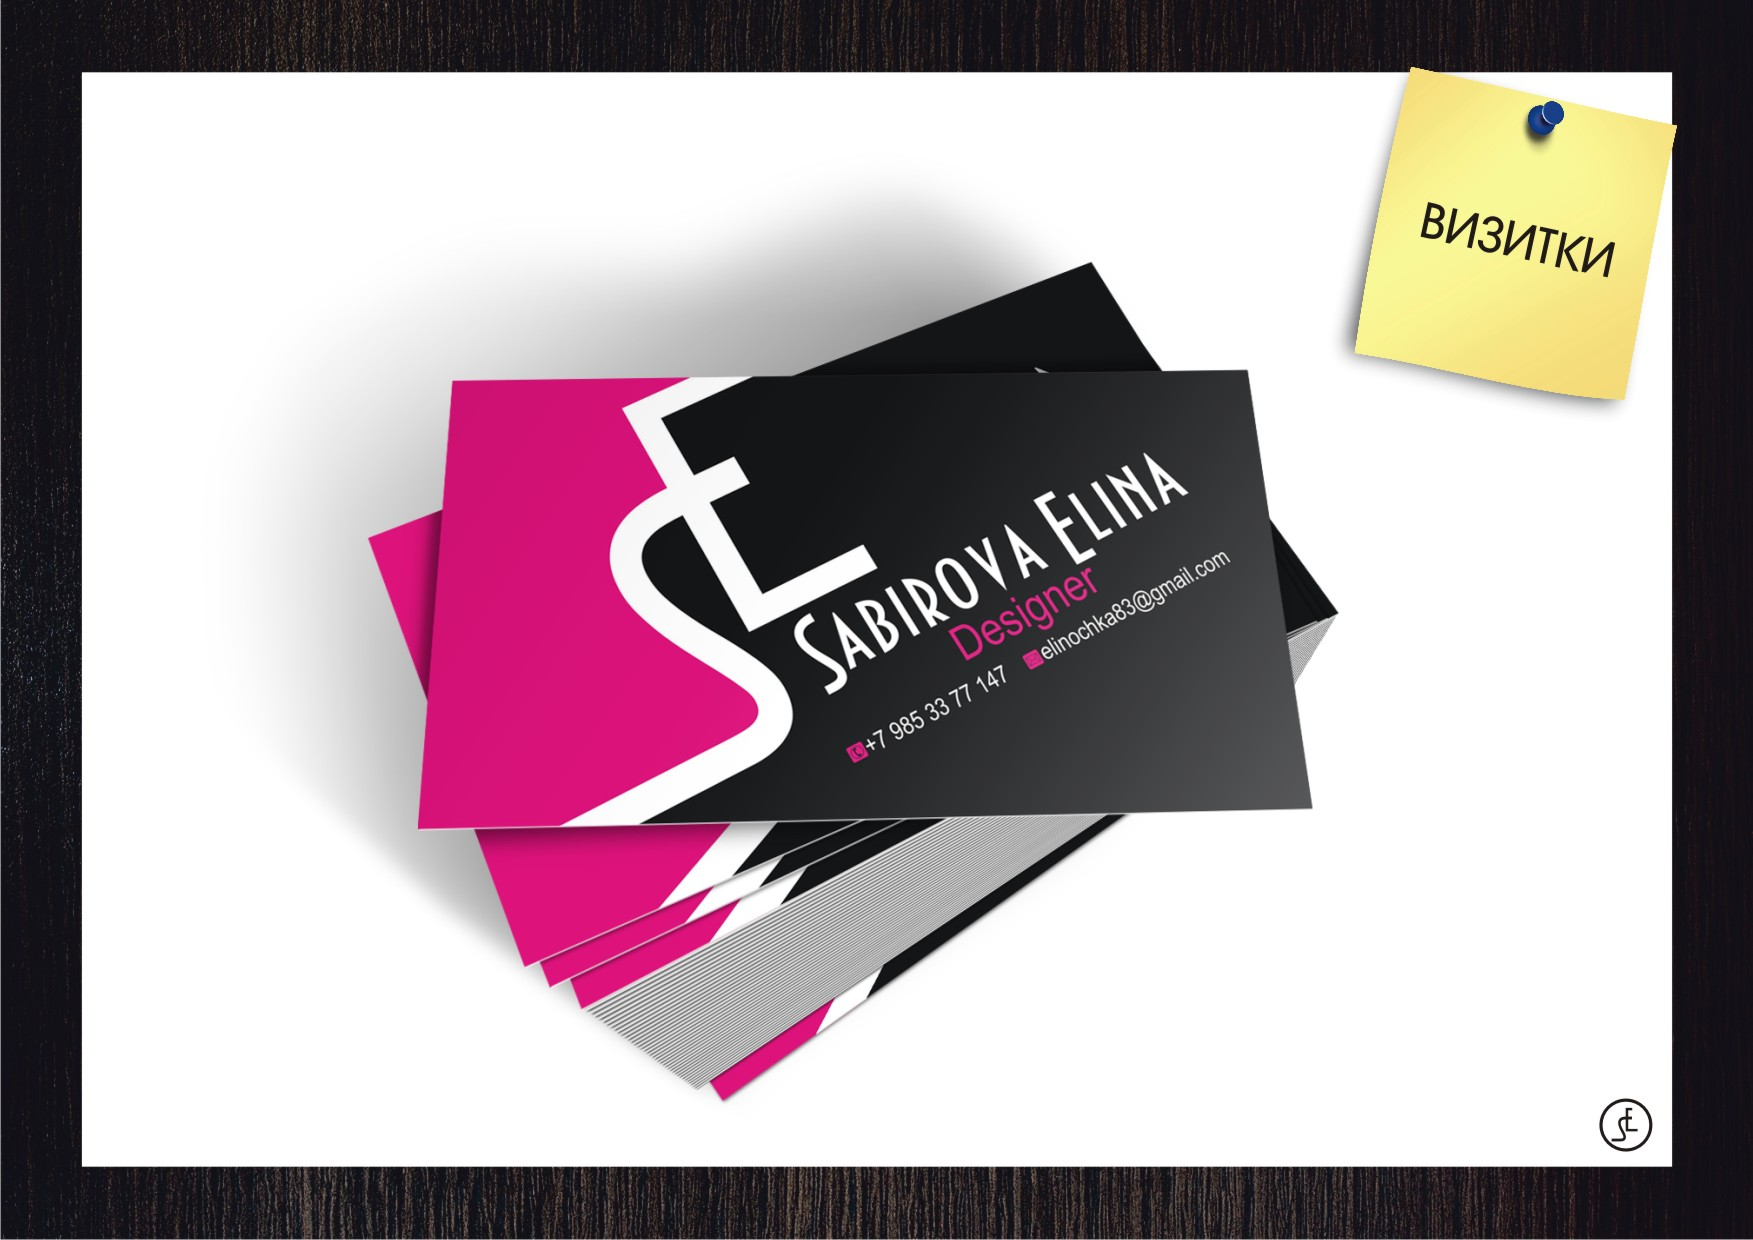 Как создать визитку: советы по дизайну, полезные сервисы 28